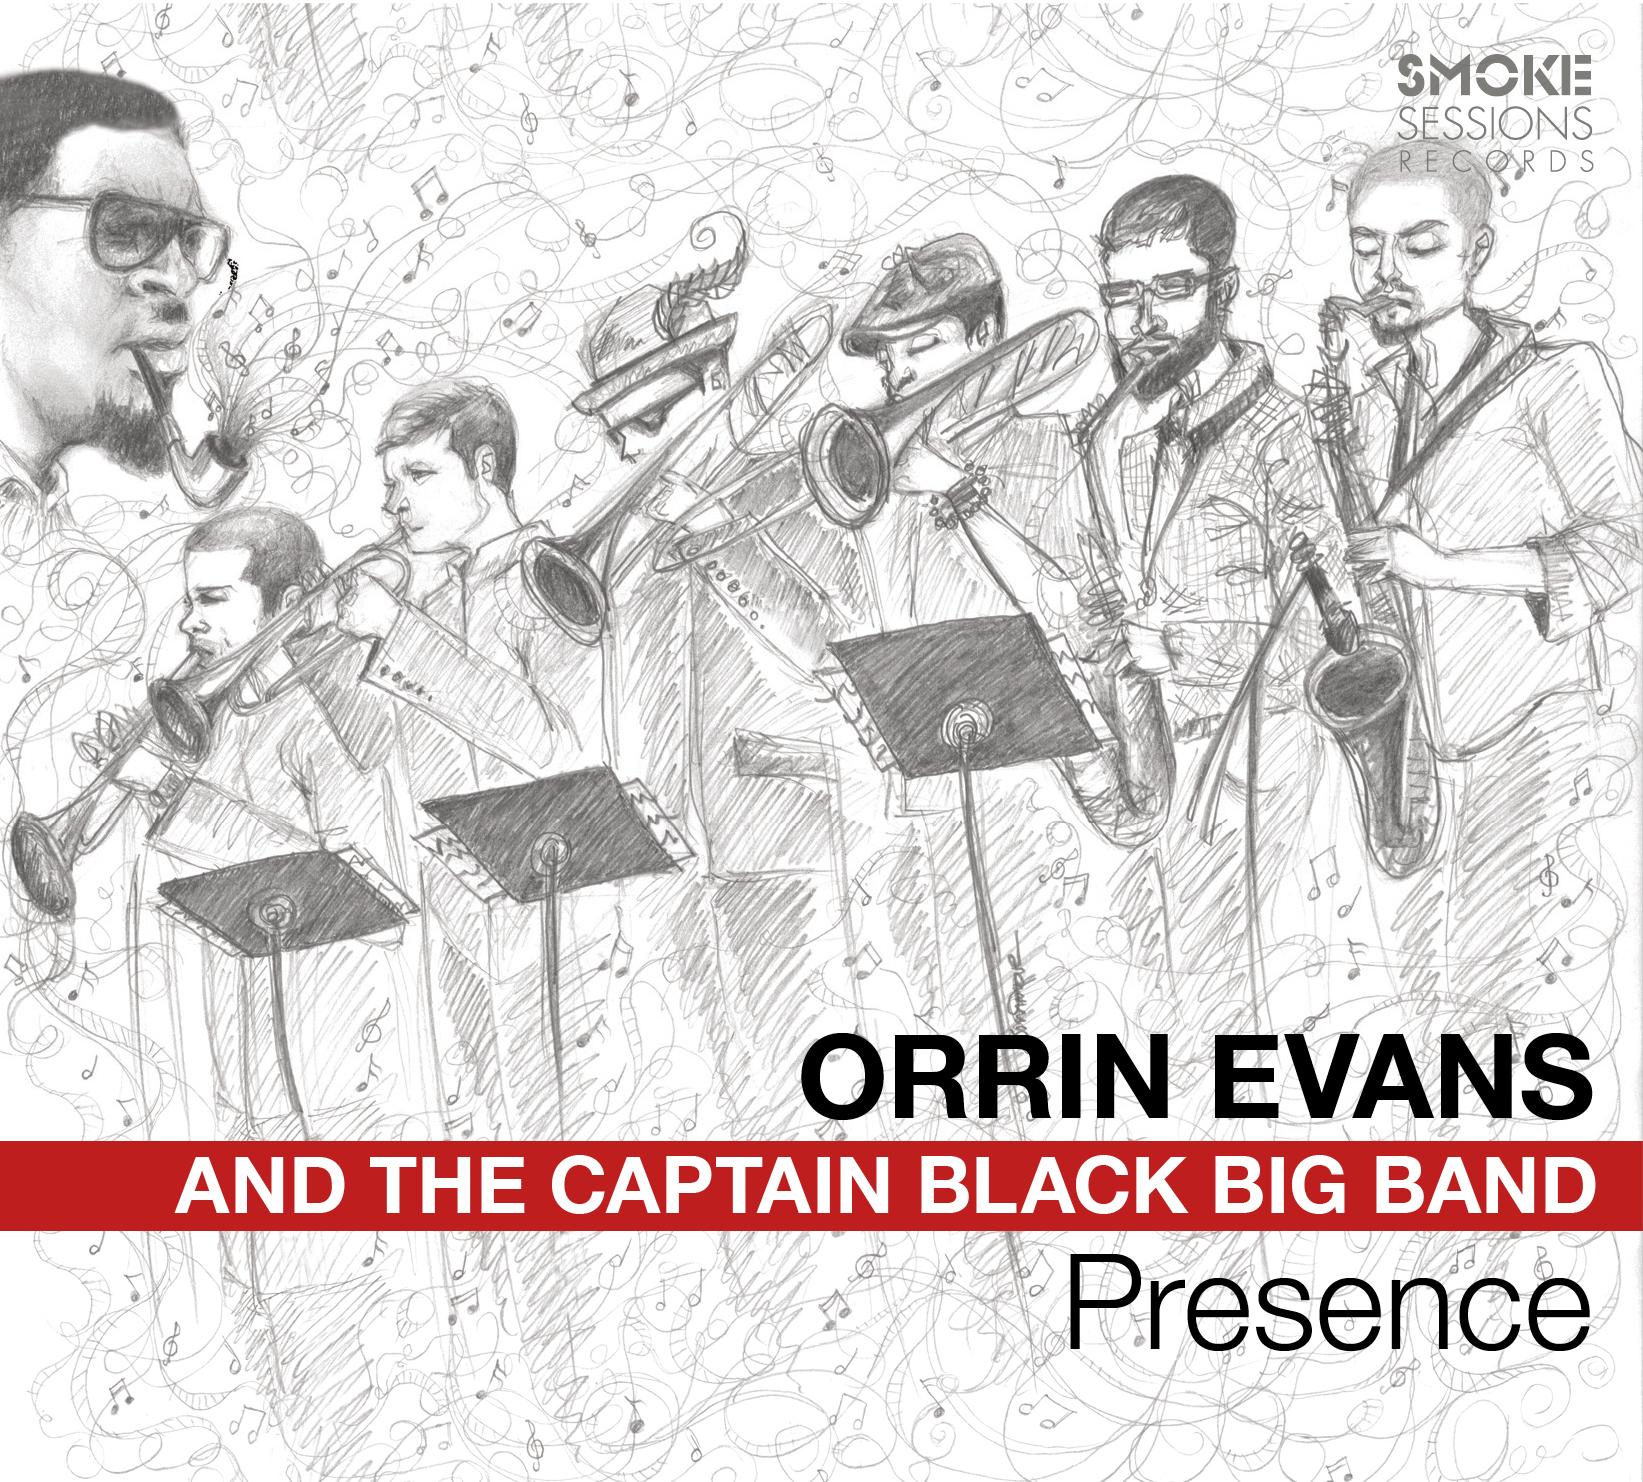 Orrin-Evans-CBBB-PRESENCE_Cover.jpg